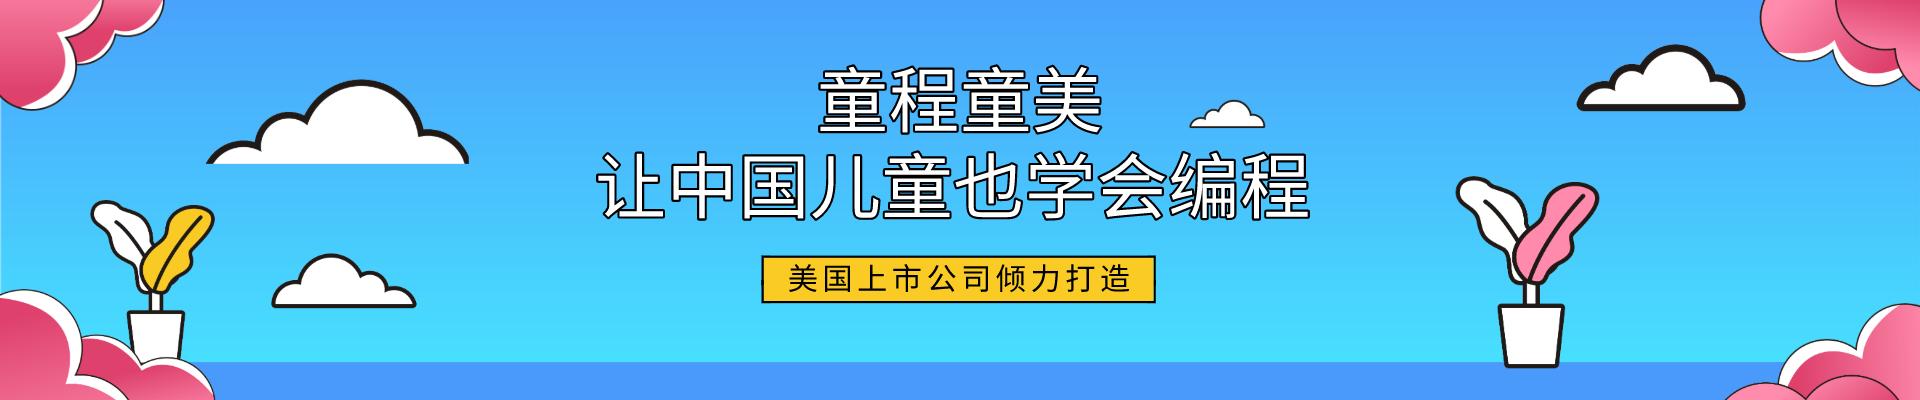 上海金桥童程童美少儿编程培训